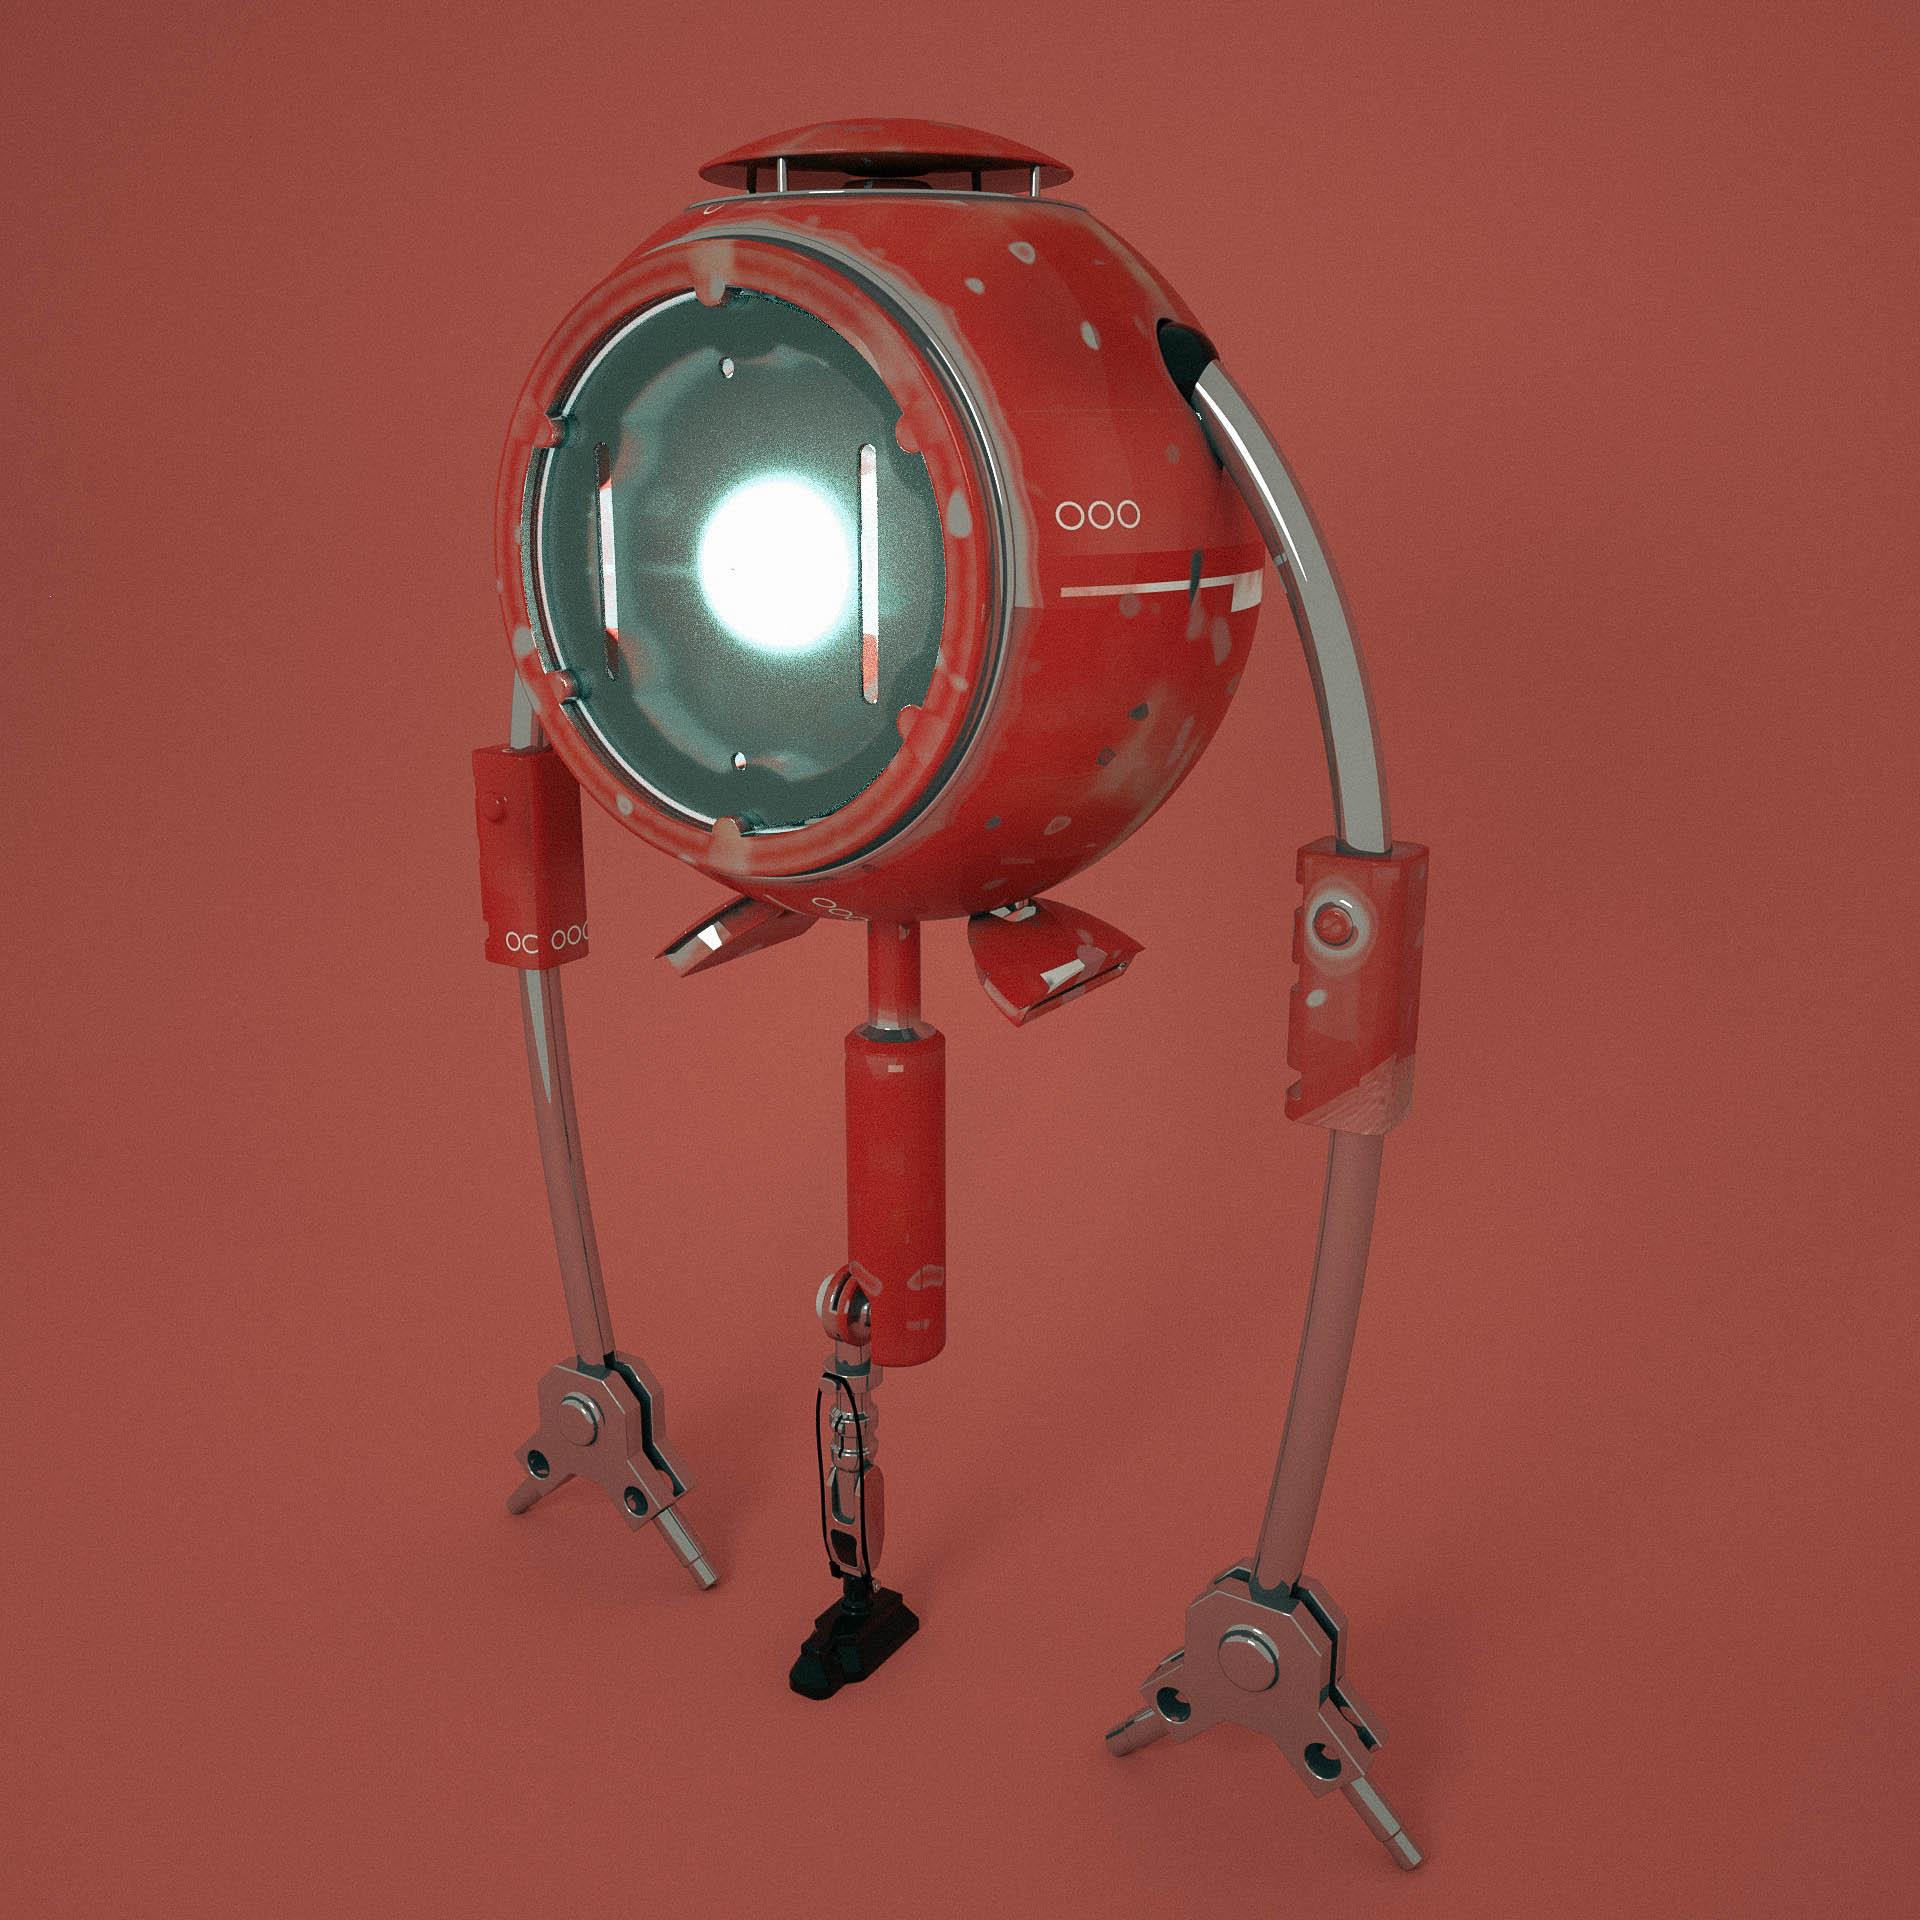 Robot_8-1-2